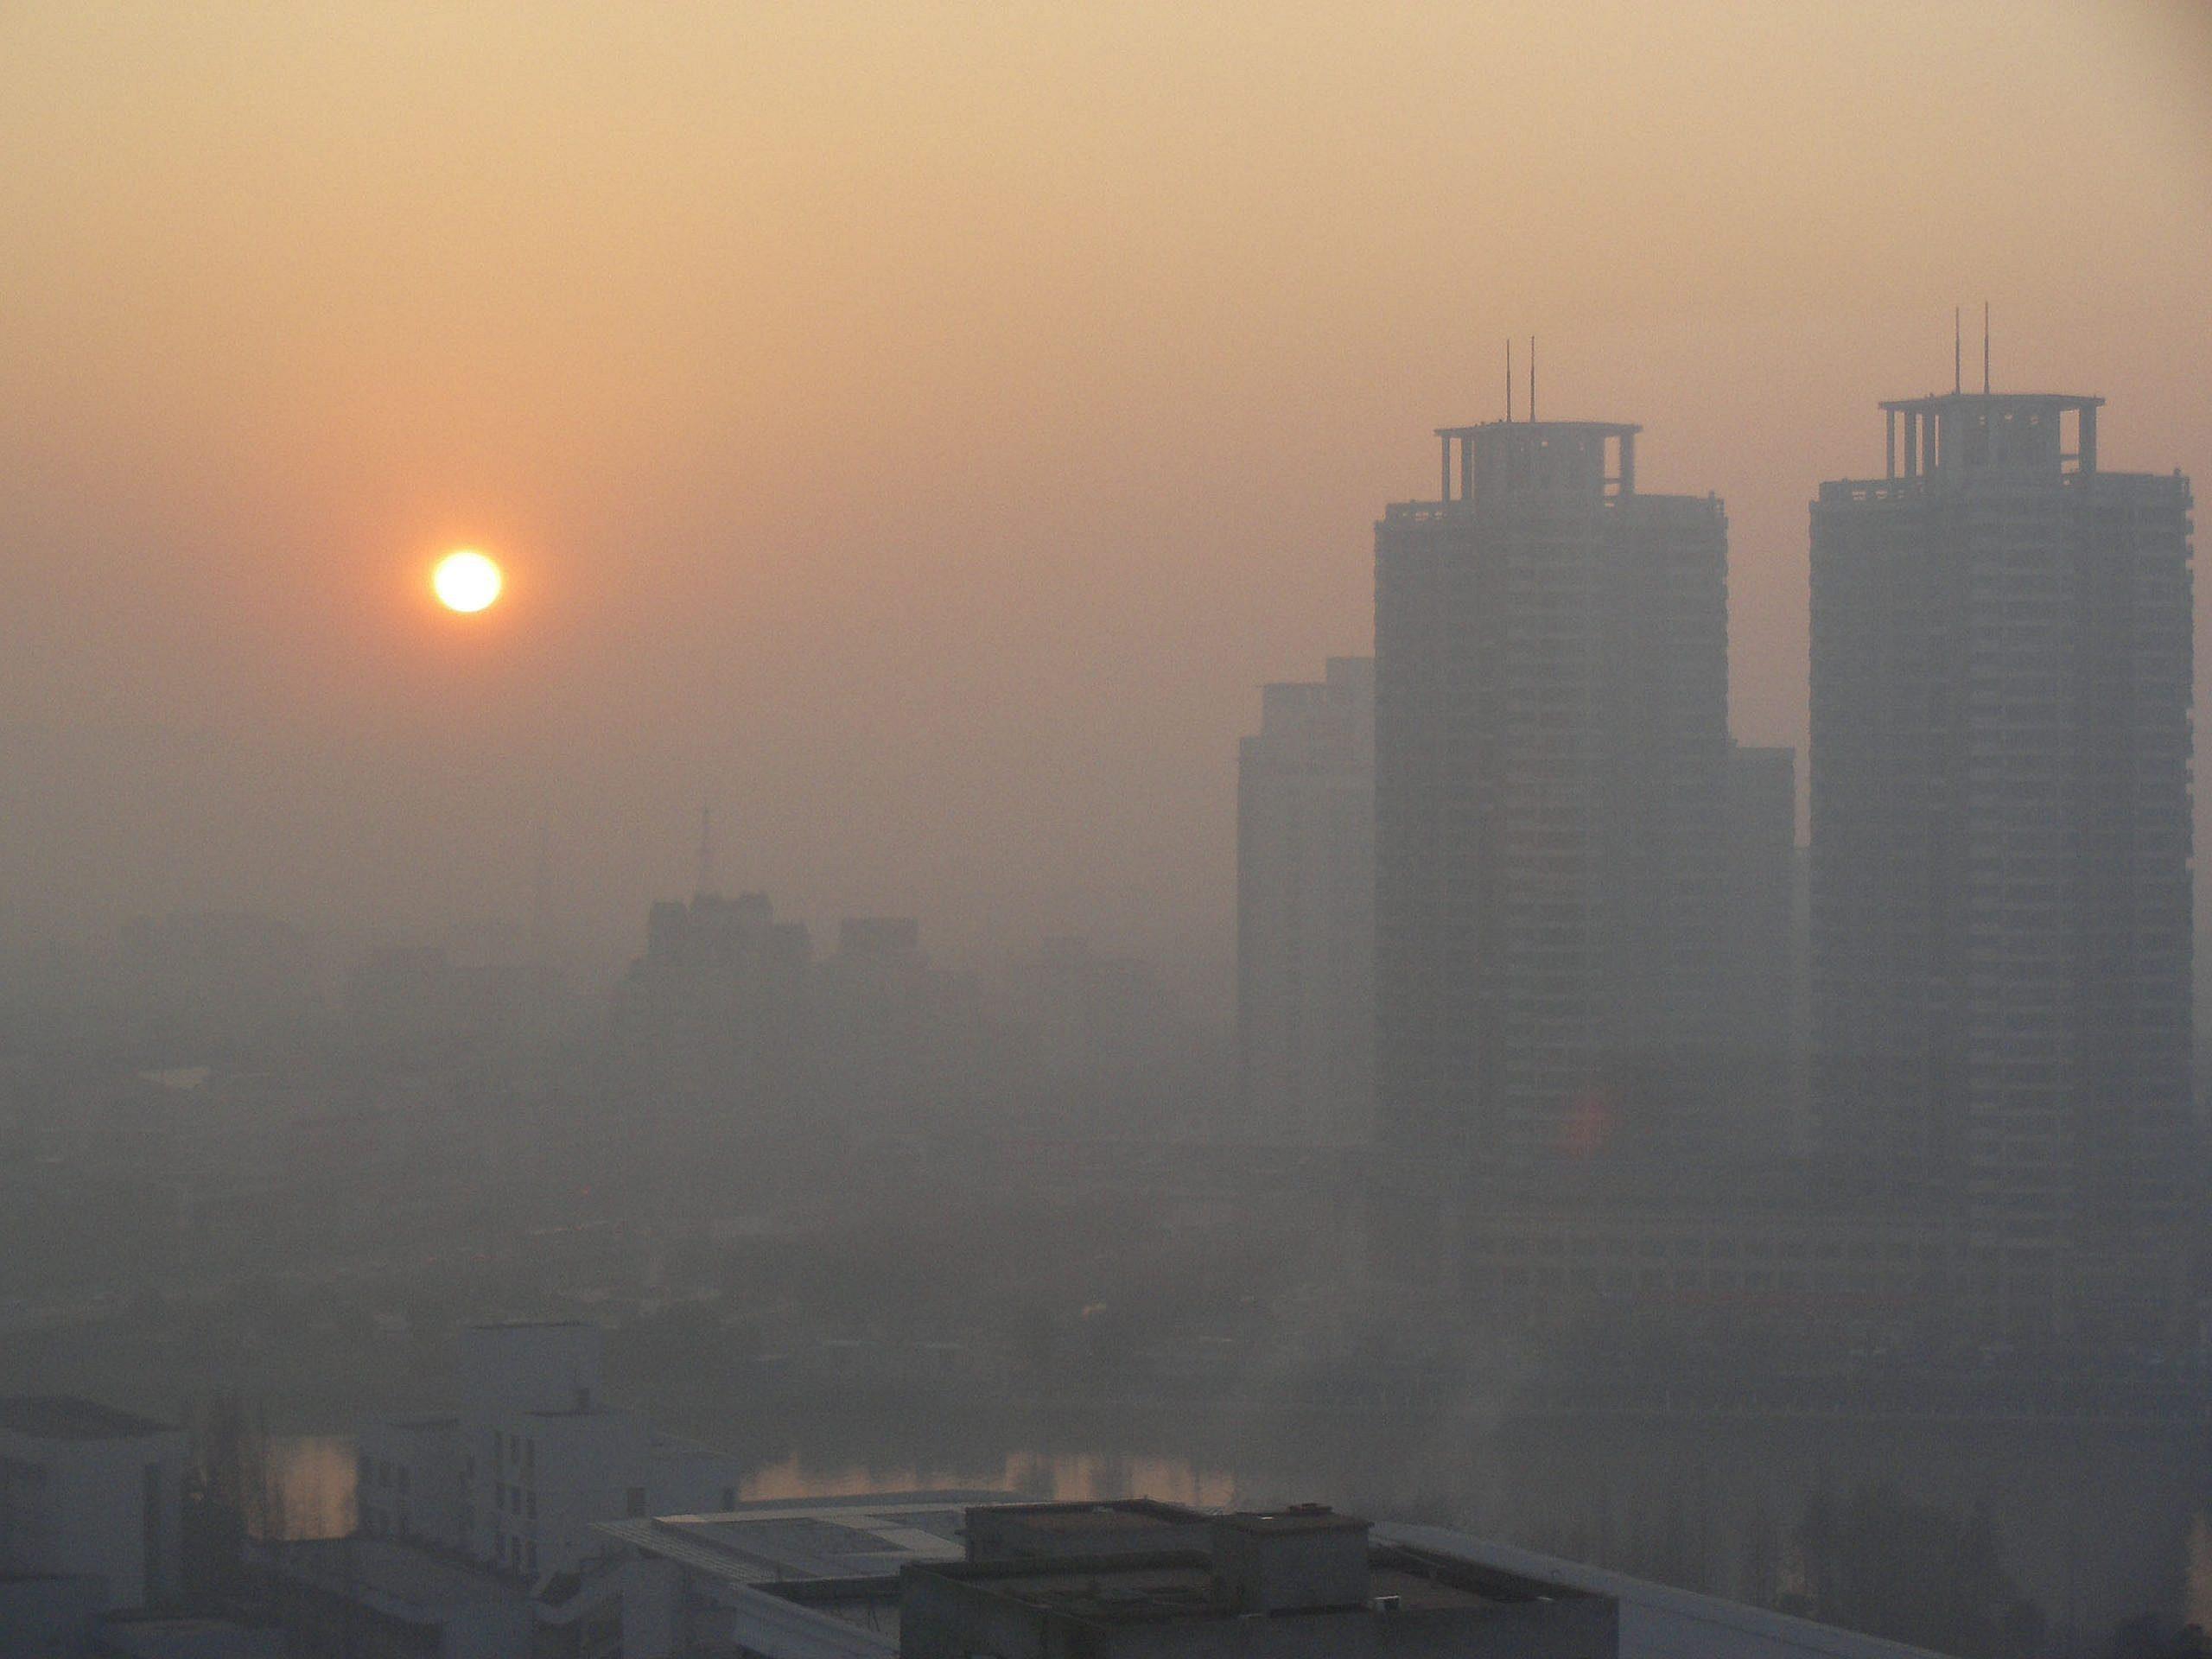 آلودگی هوای تهران برای بچه هاست